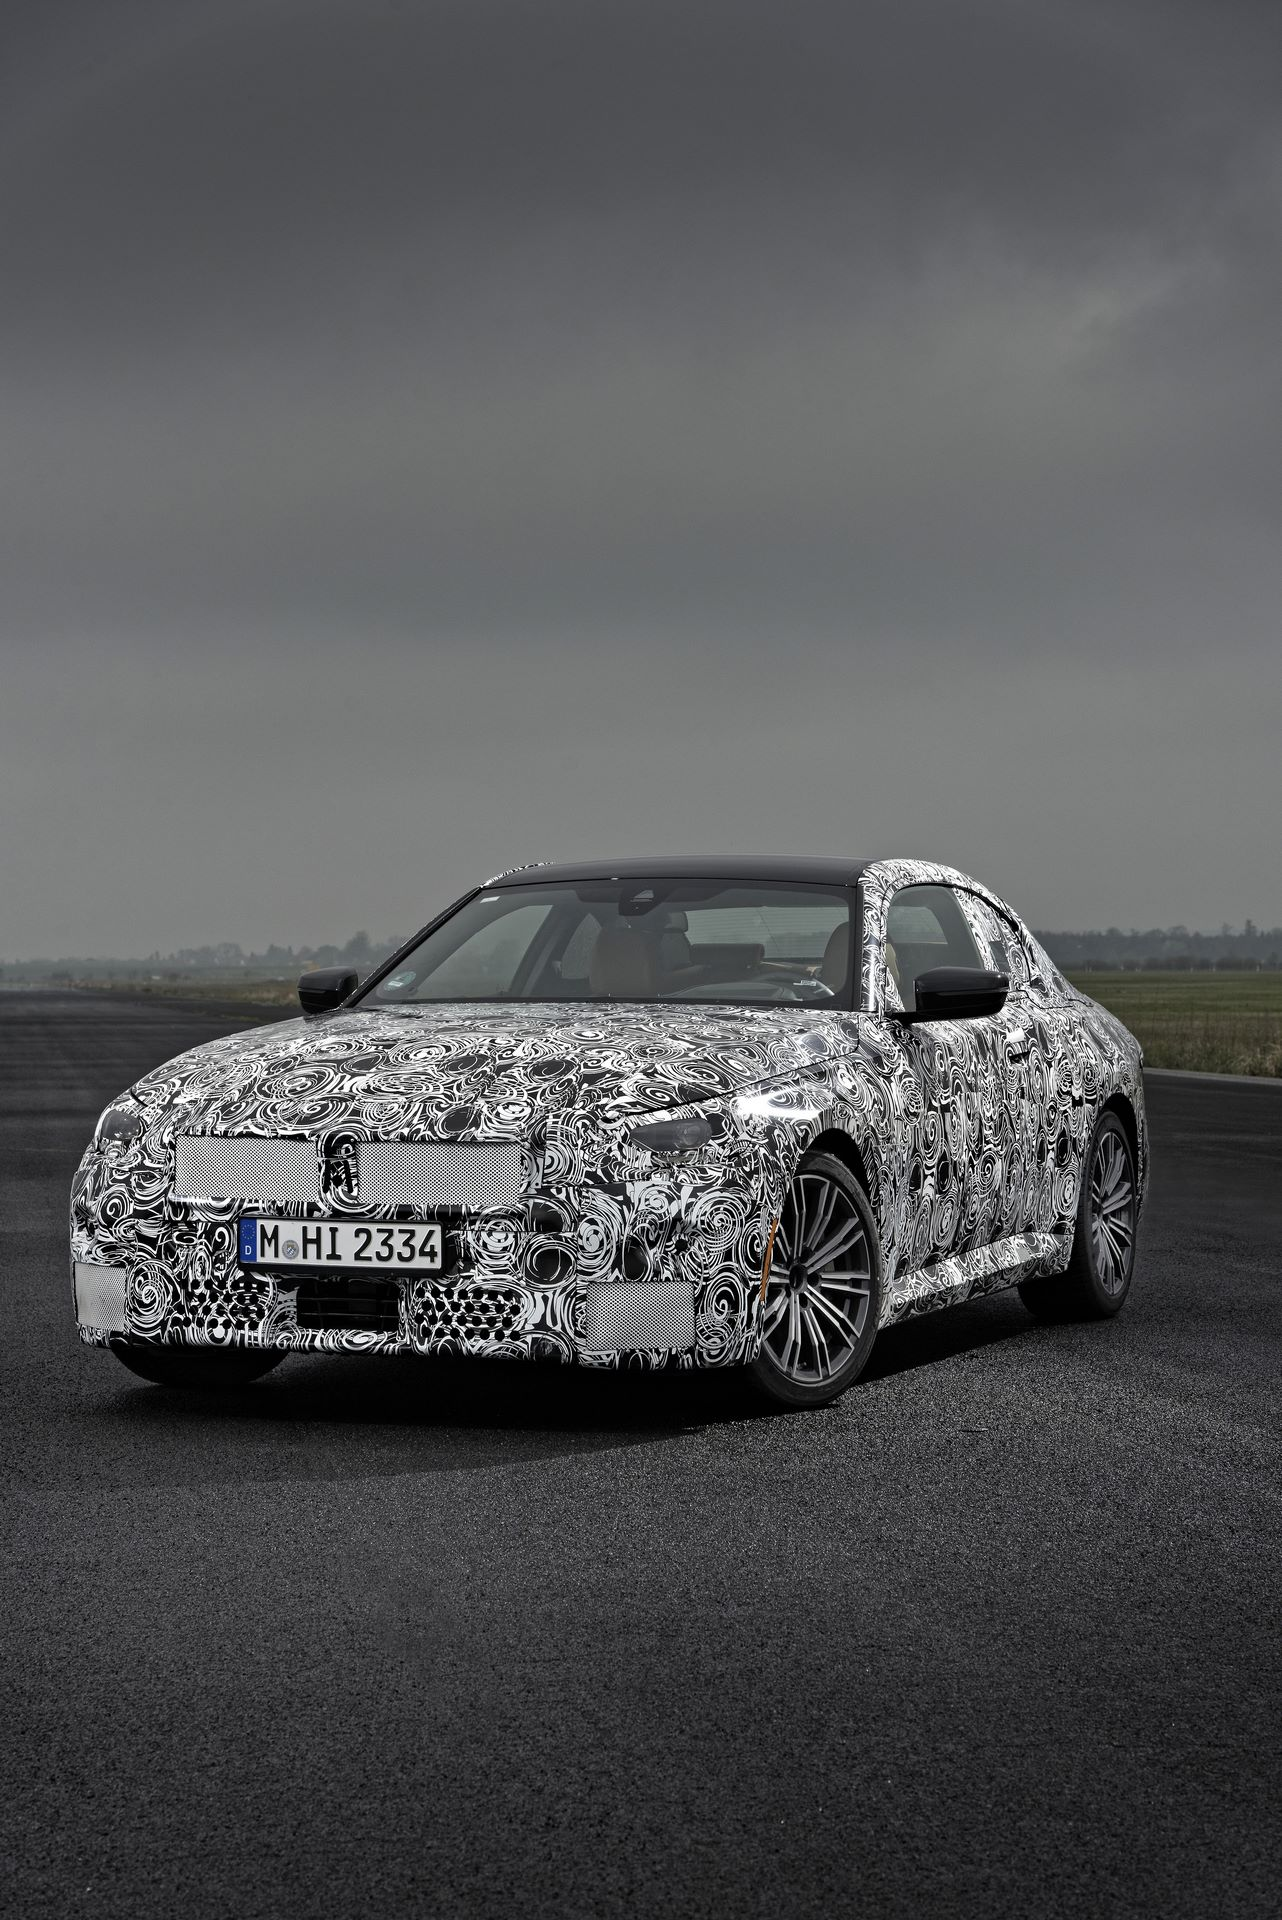 BMW-2-Series-M240i-spy-photos-49